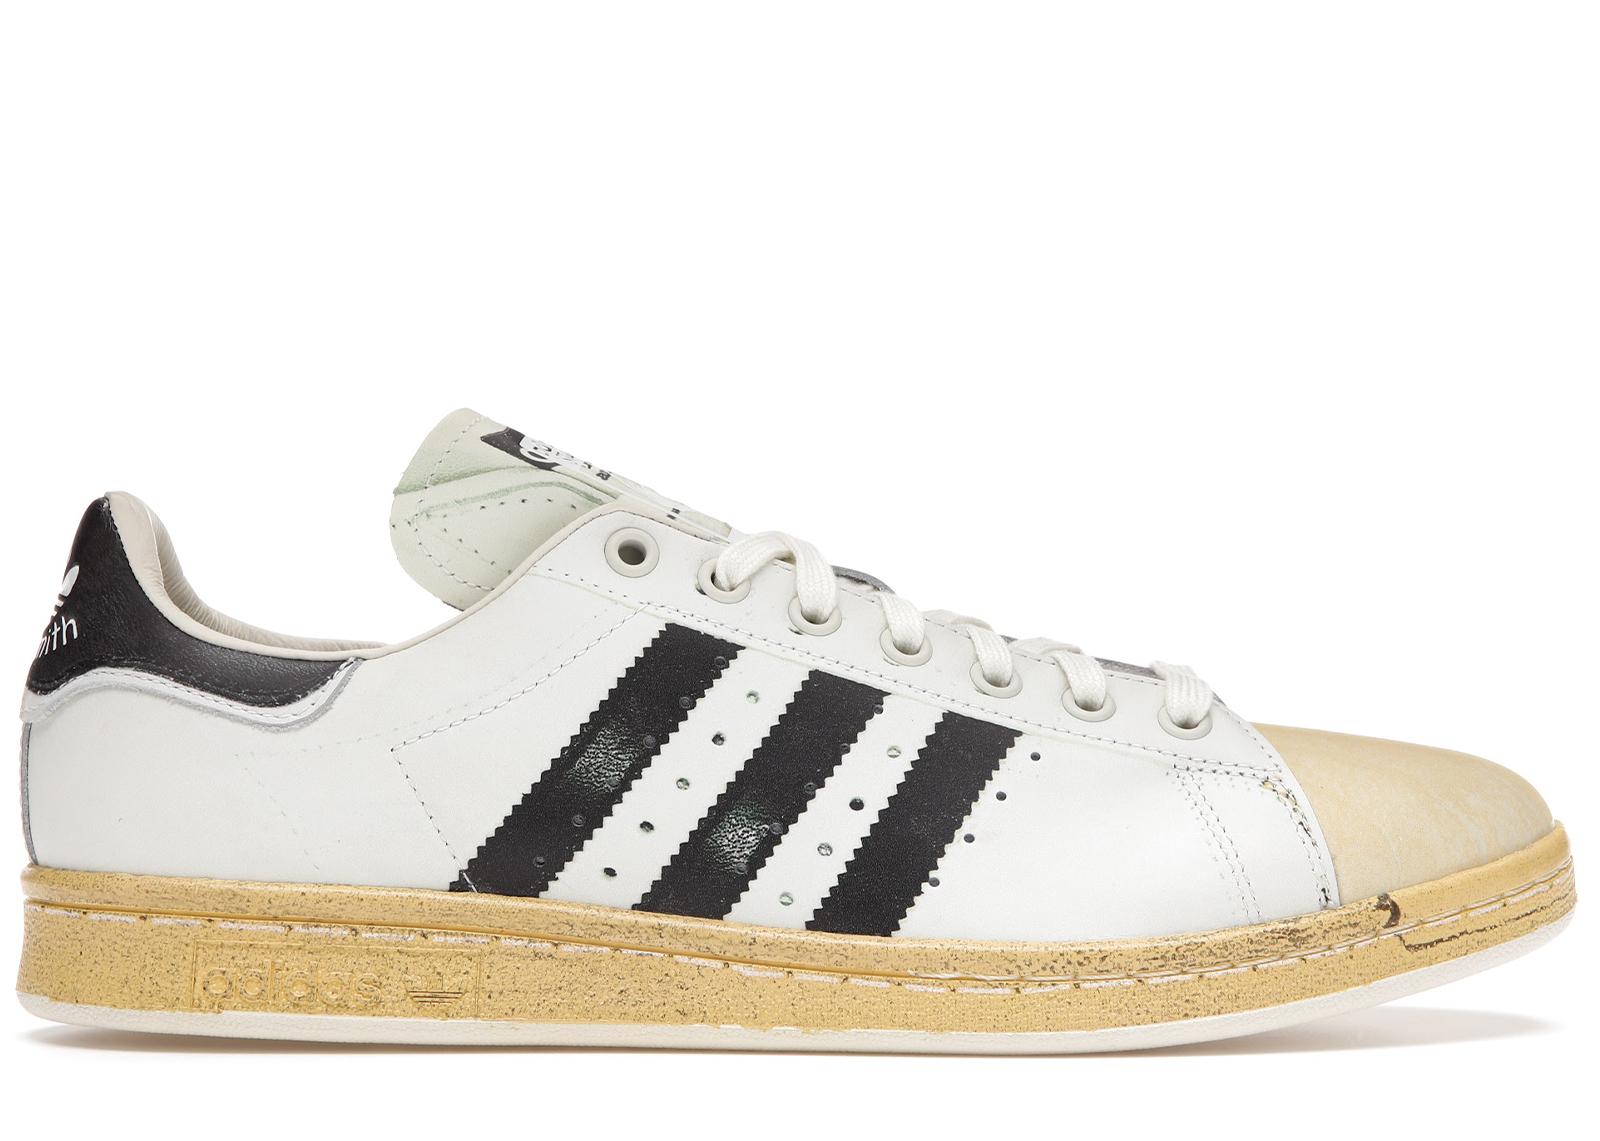 adidas Stan Smith Superstar White Black - FW6095